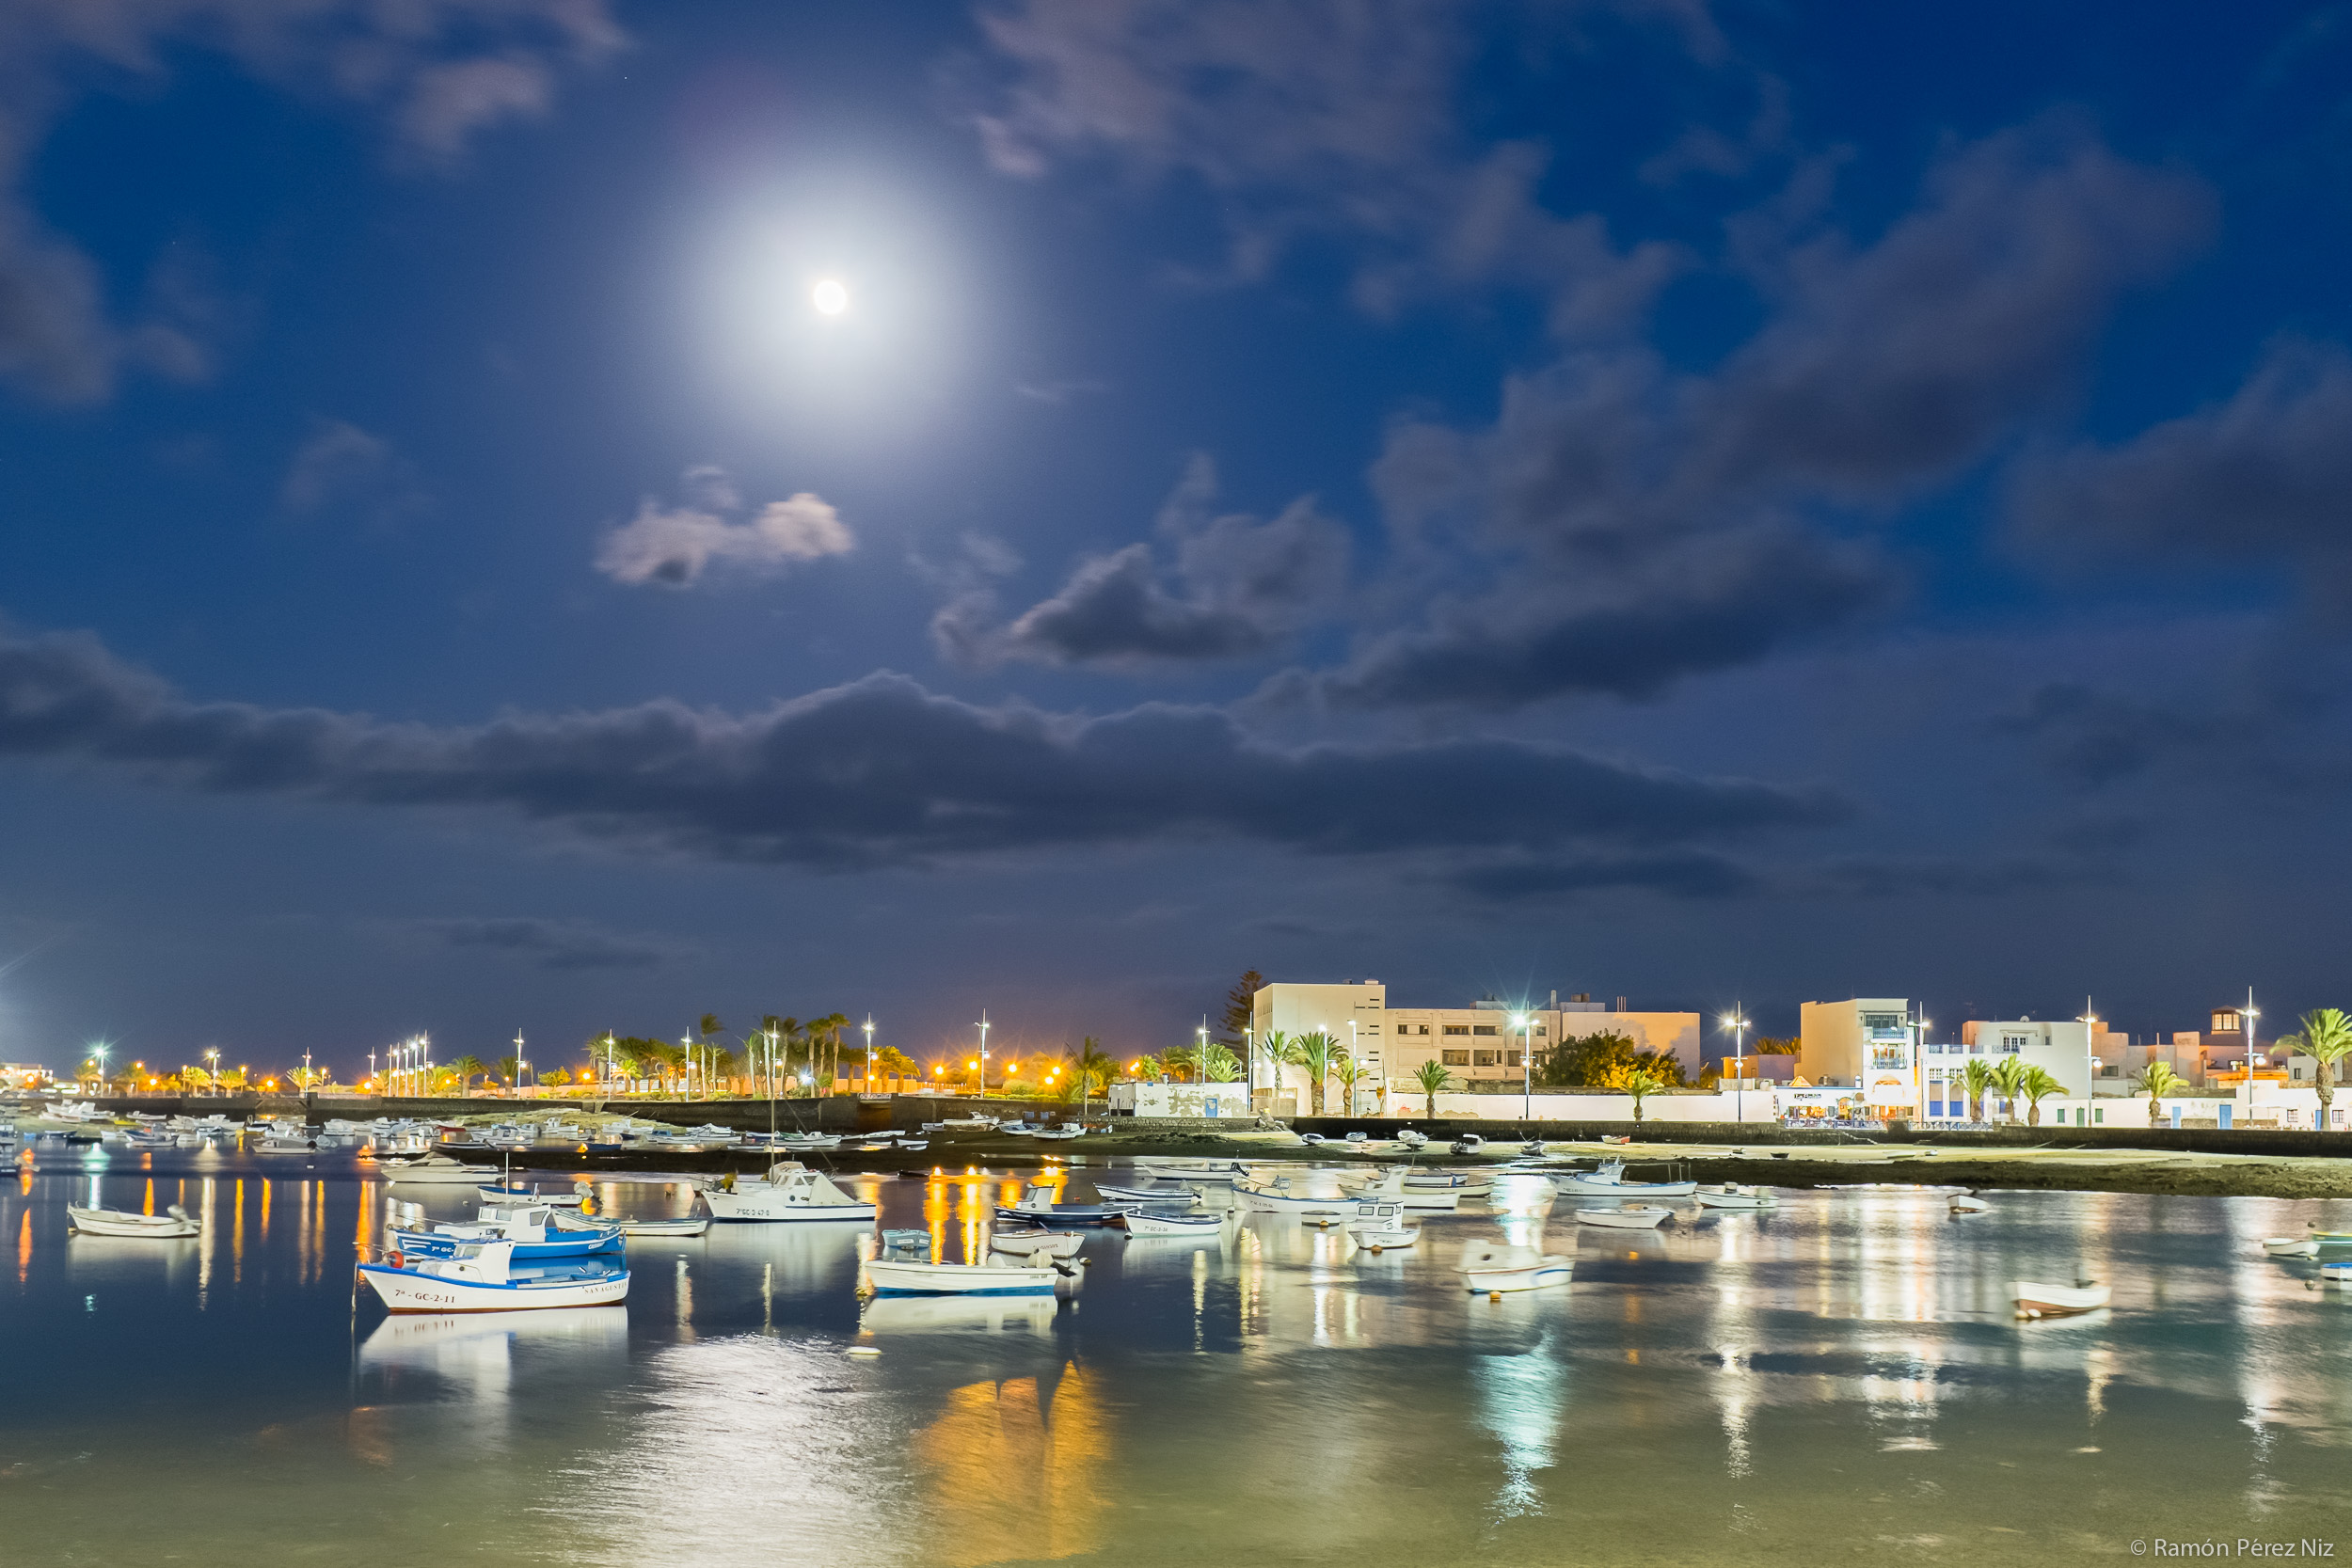 Foto de Ramón Pérez Niz, luna llena en el Charco de San Ginés